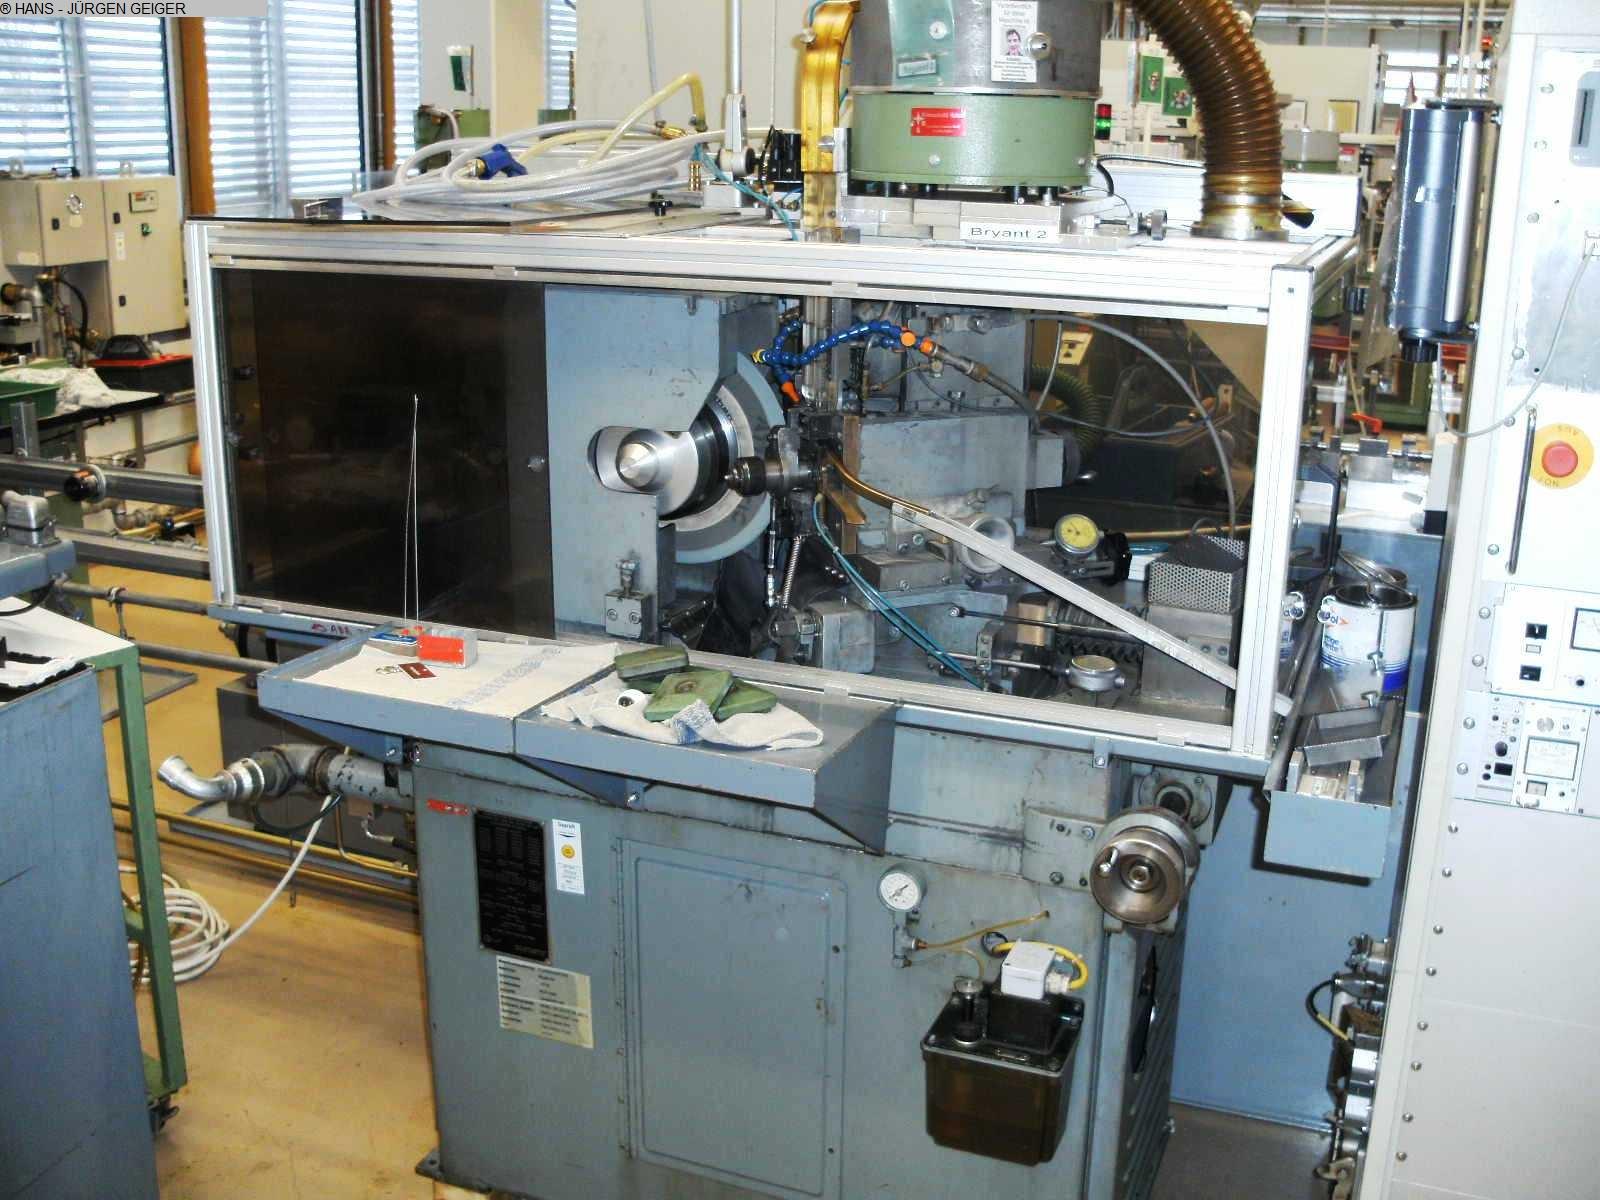 gebrauchte Schleifmaschinen Spitzenlose - Rundschleifmaschine BRYANT 45 M / Serial No. B 16049